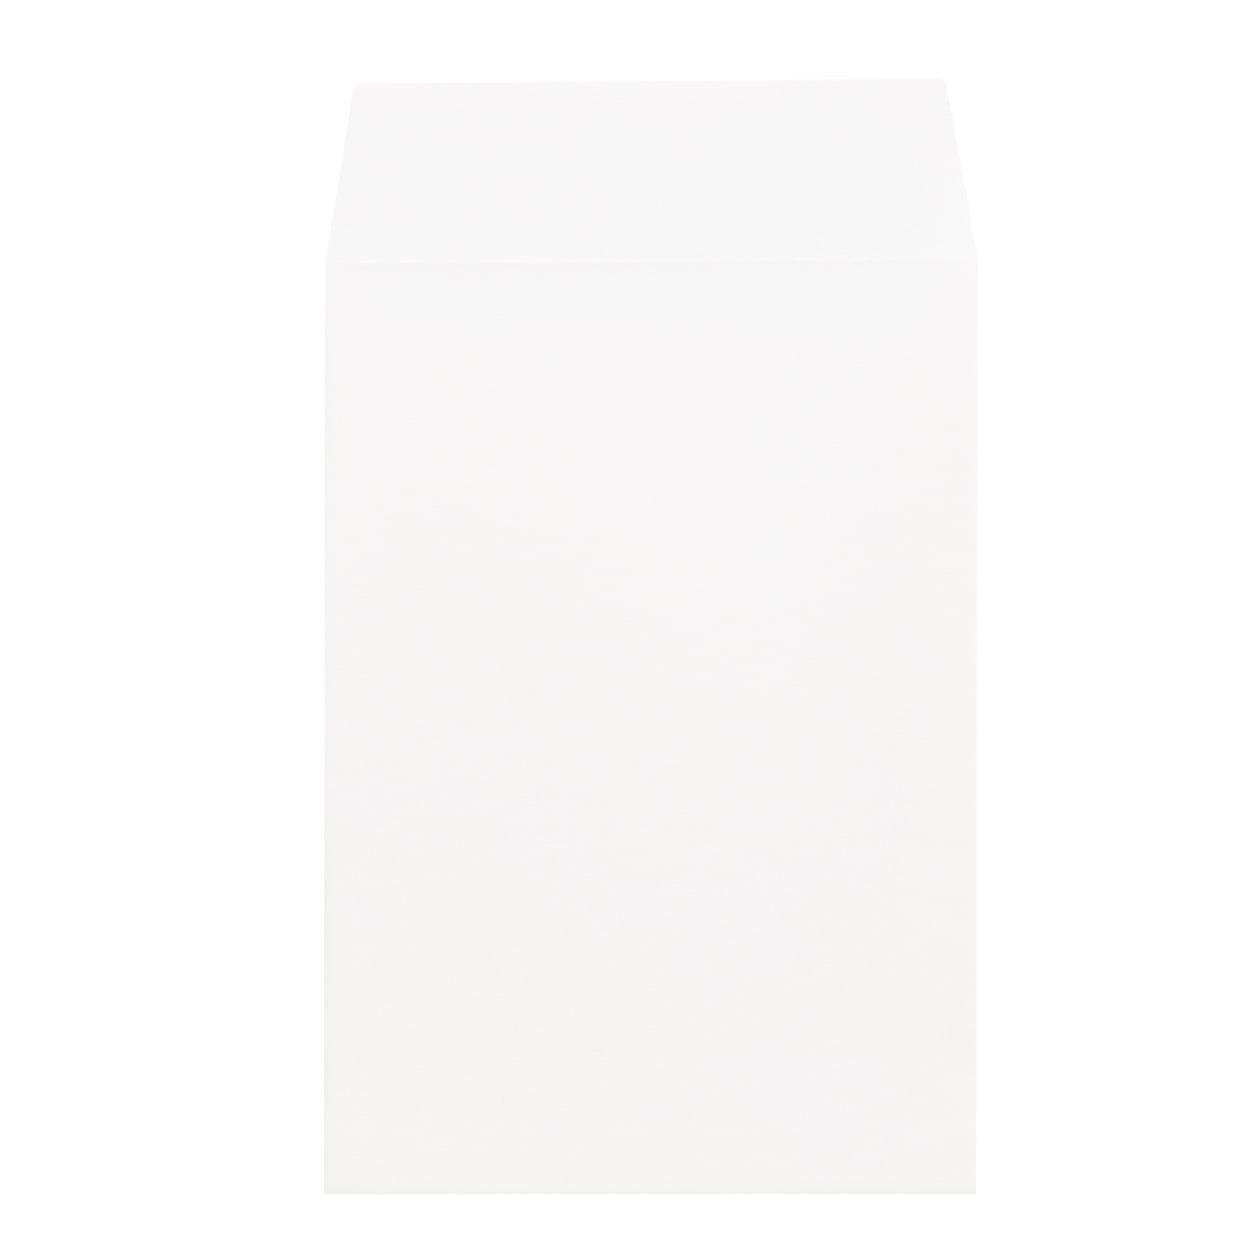 角6封筒 コットン スノーホワイト 116.3g